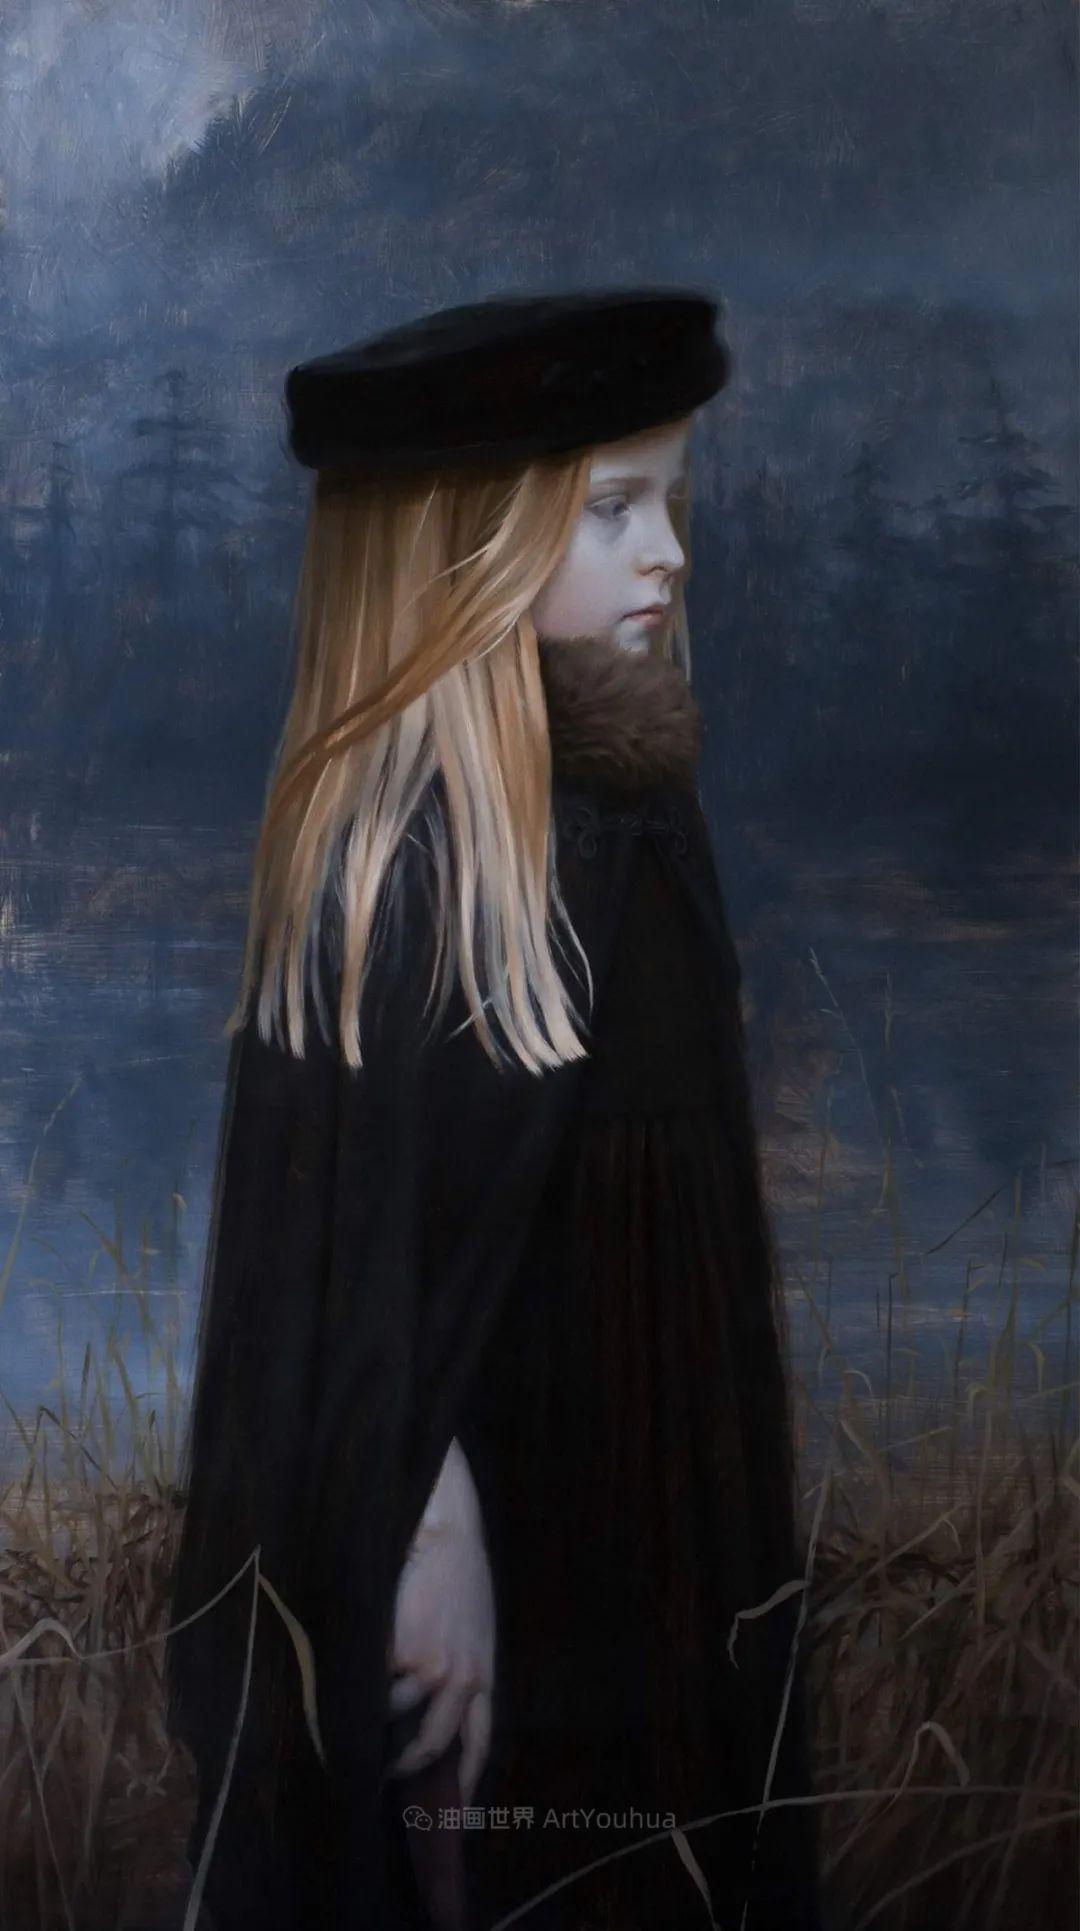 细致入微的静物与肖像,加拿大女画家凯瑟琳·斯通插图77